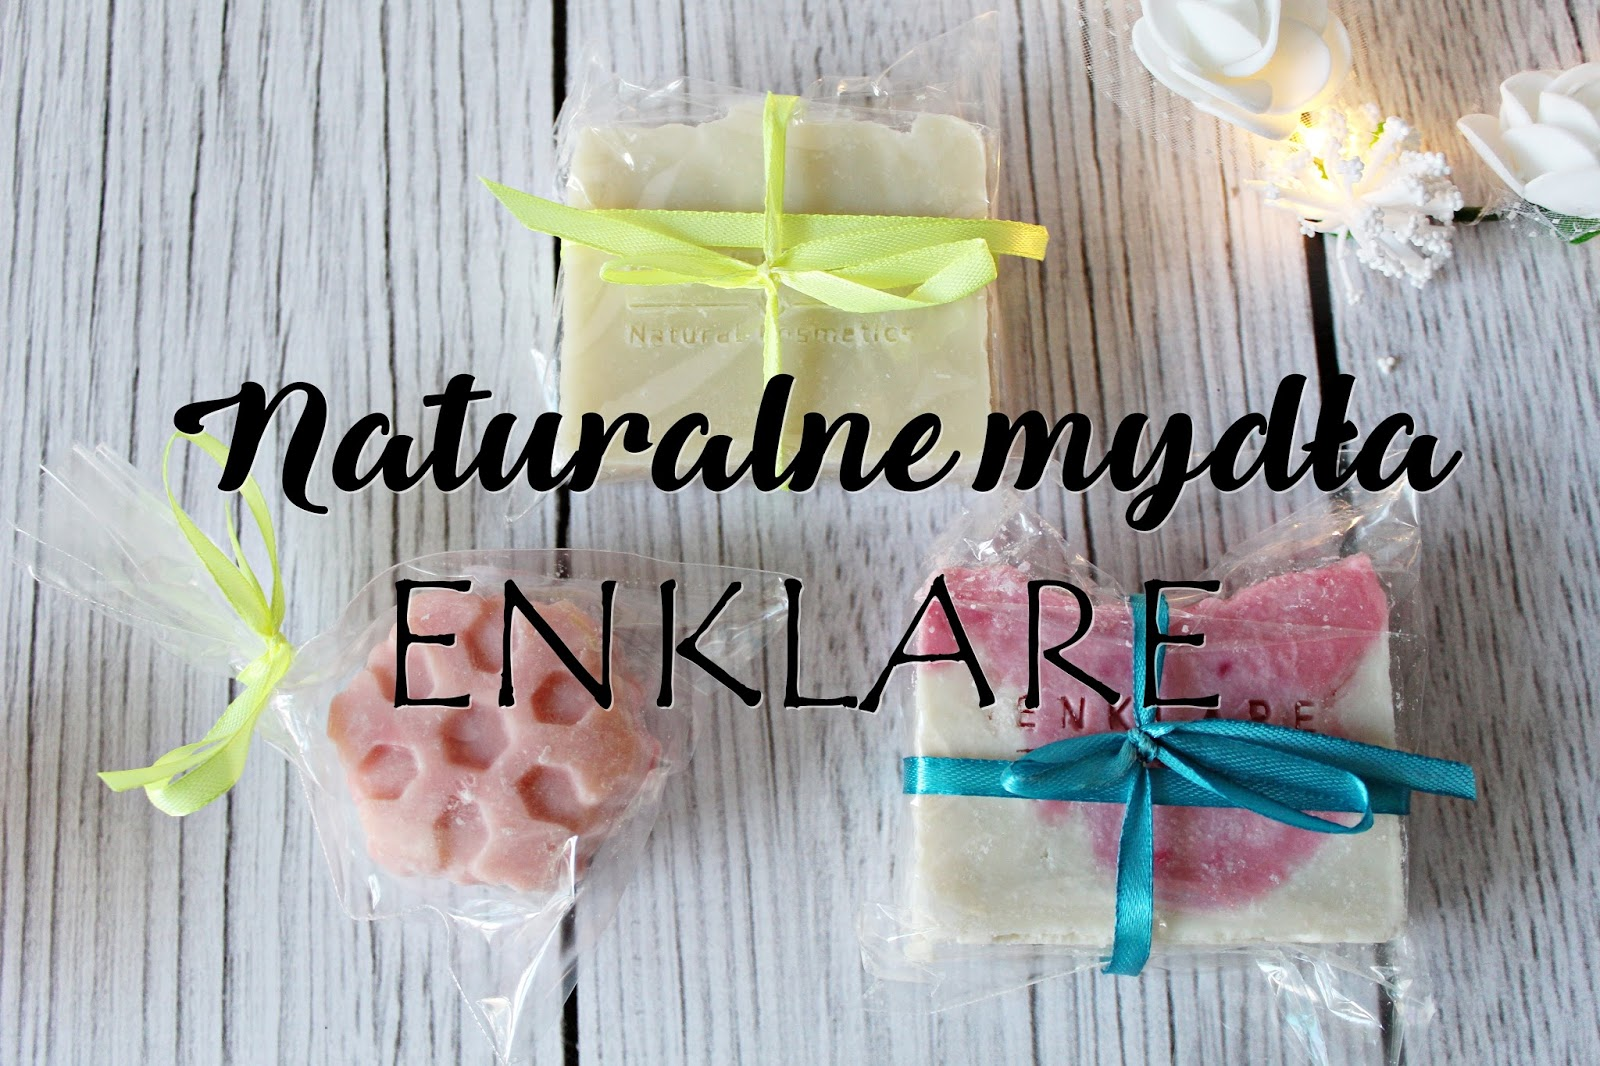 Naturalne mydła ENKLARE